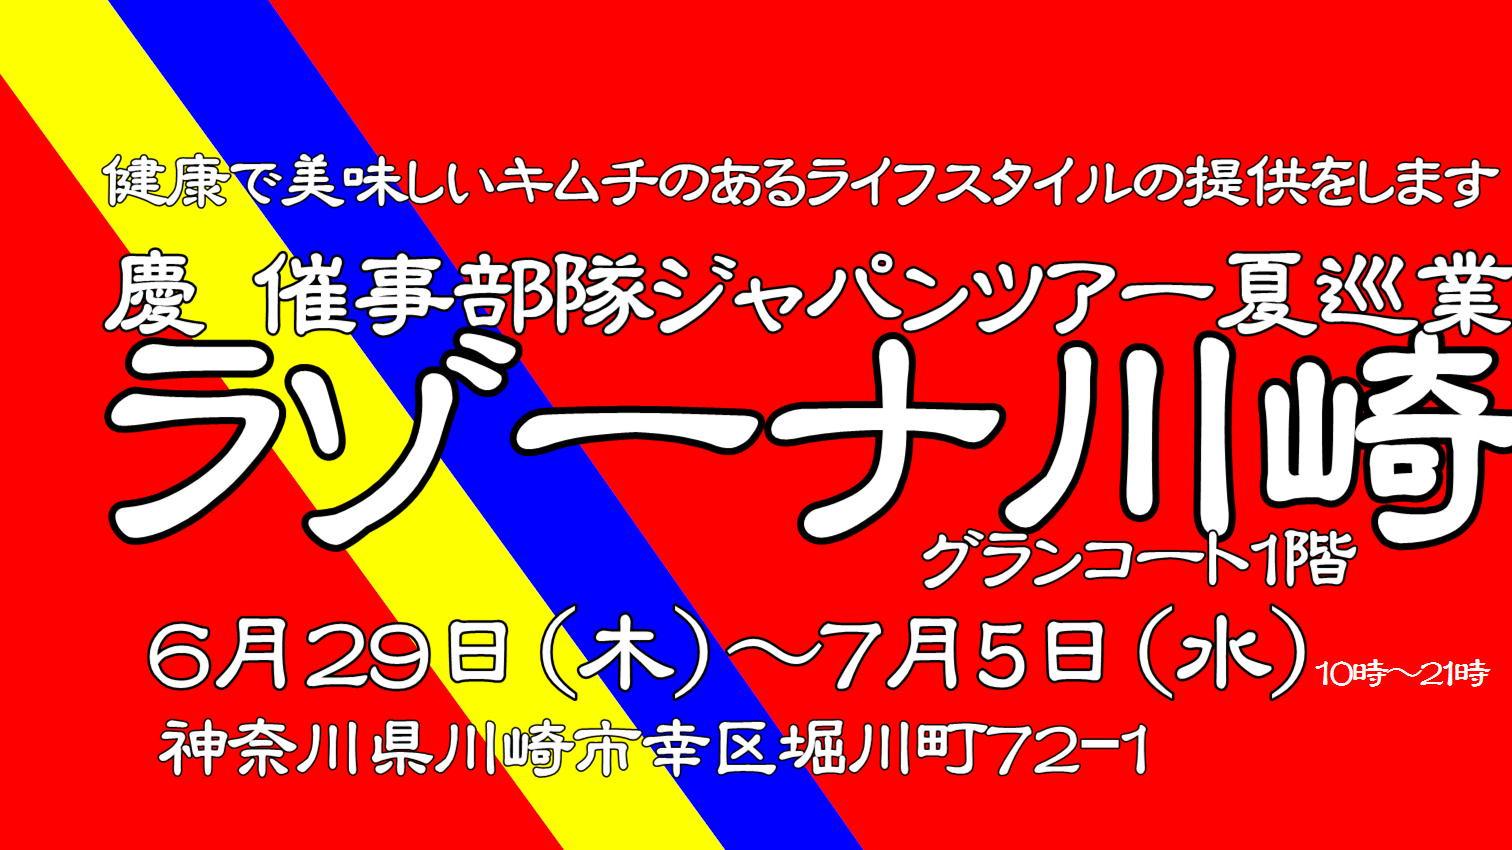 ラゾーナ川崎プラザ1階 グランコート特別販売会